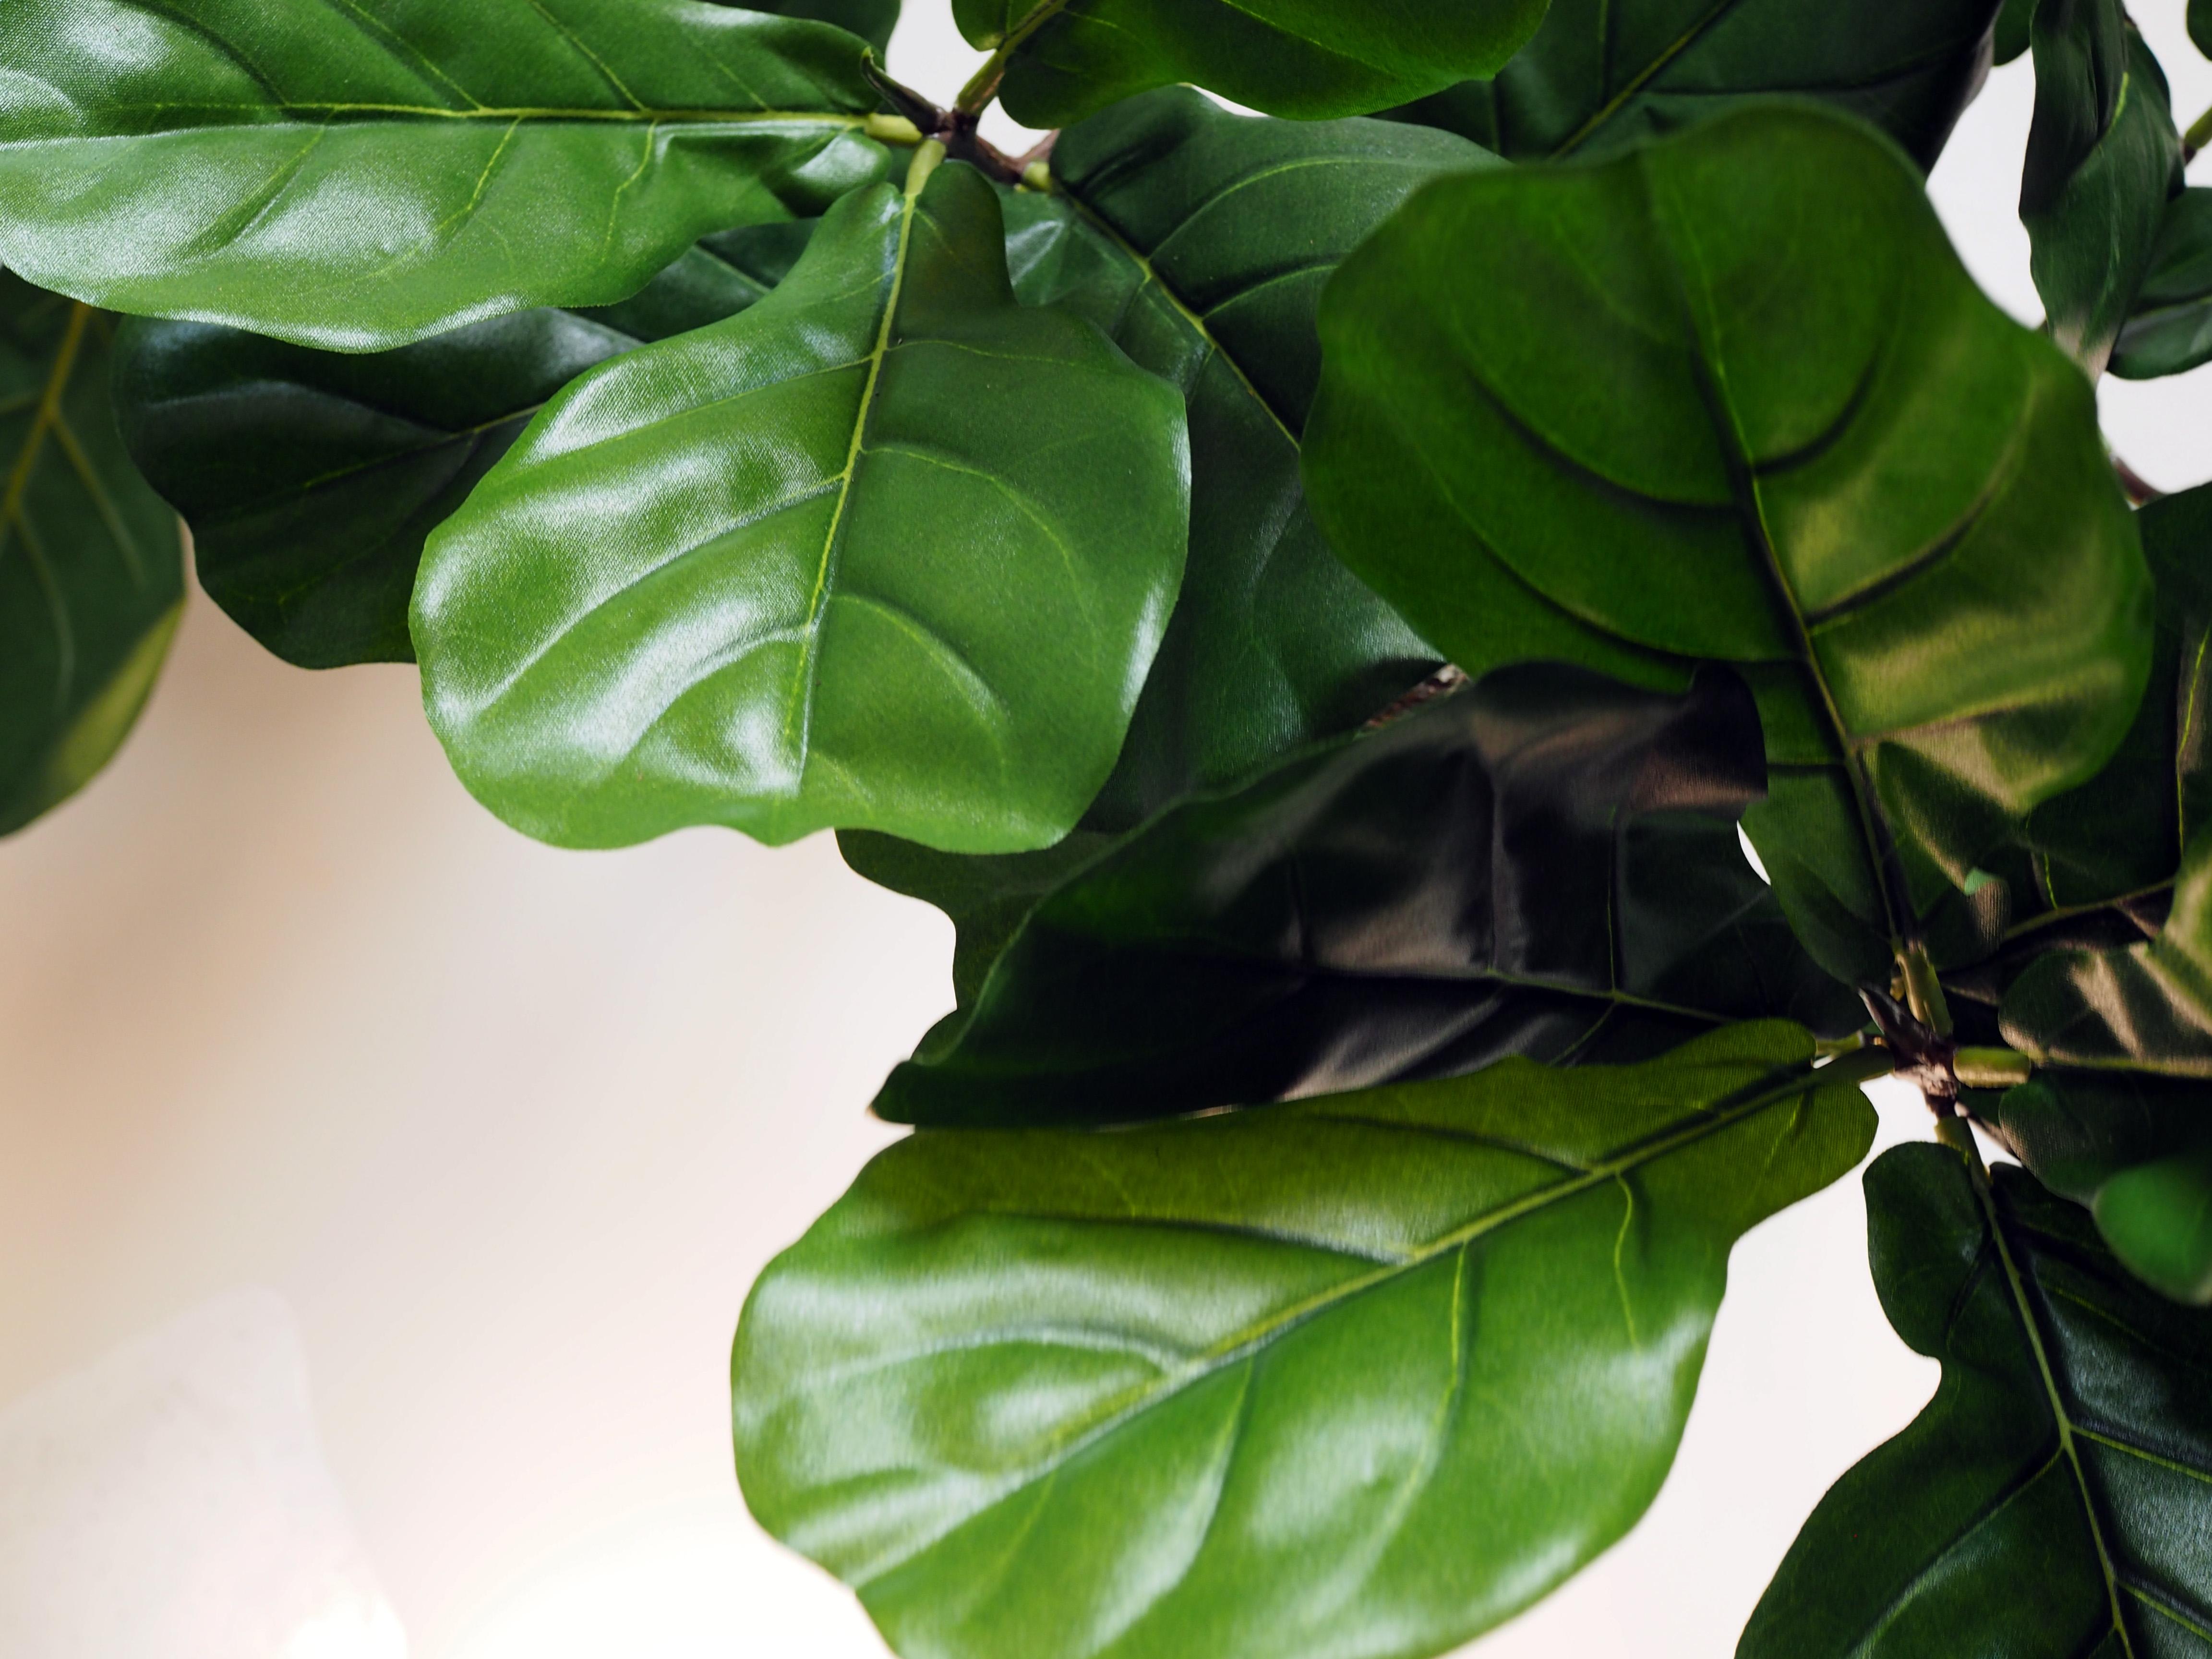 Fiddle-leaf fig leaf Detail